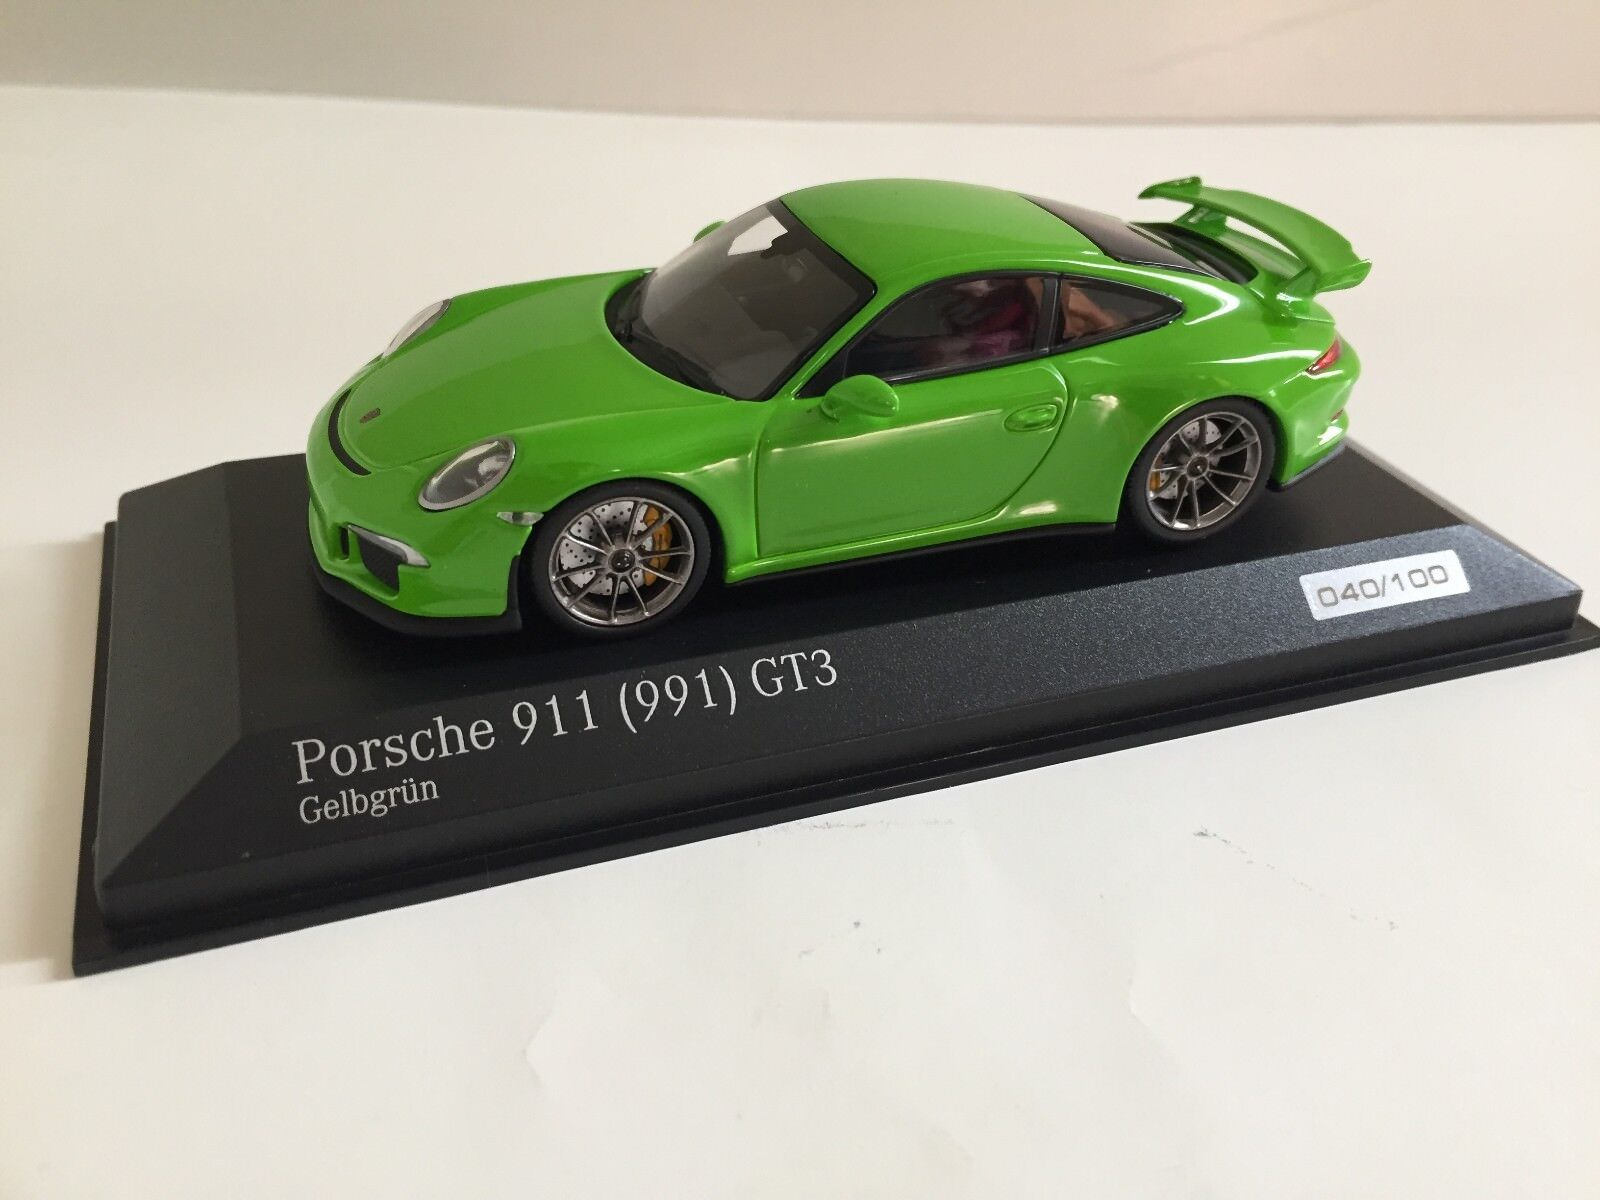 Minichamps 1 43 Porsche 911 991 GT3 Yellow Green